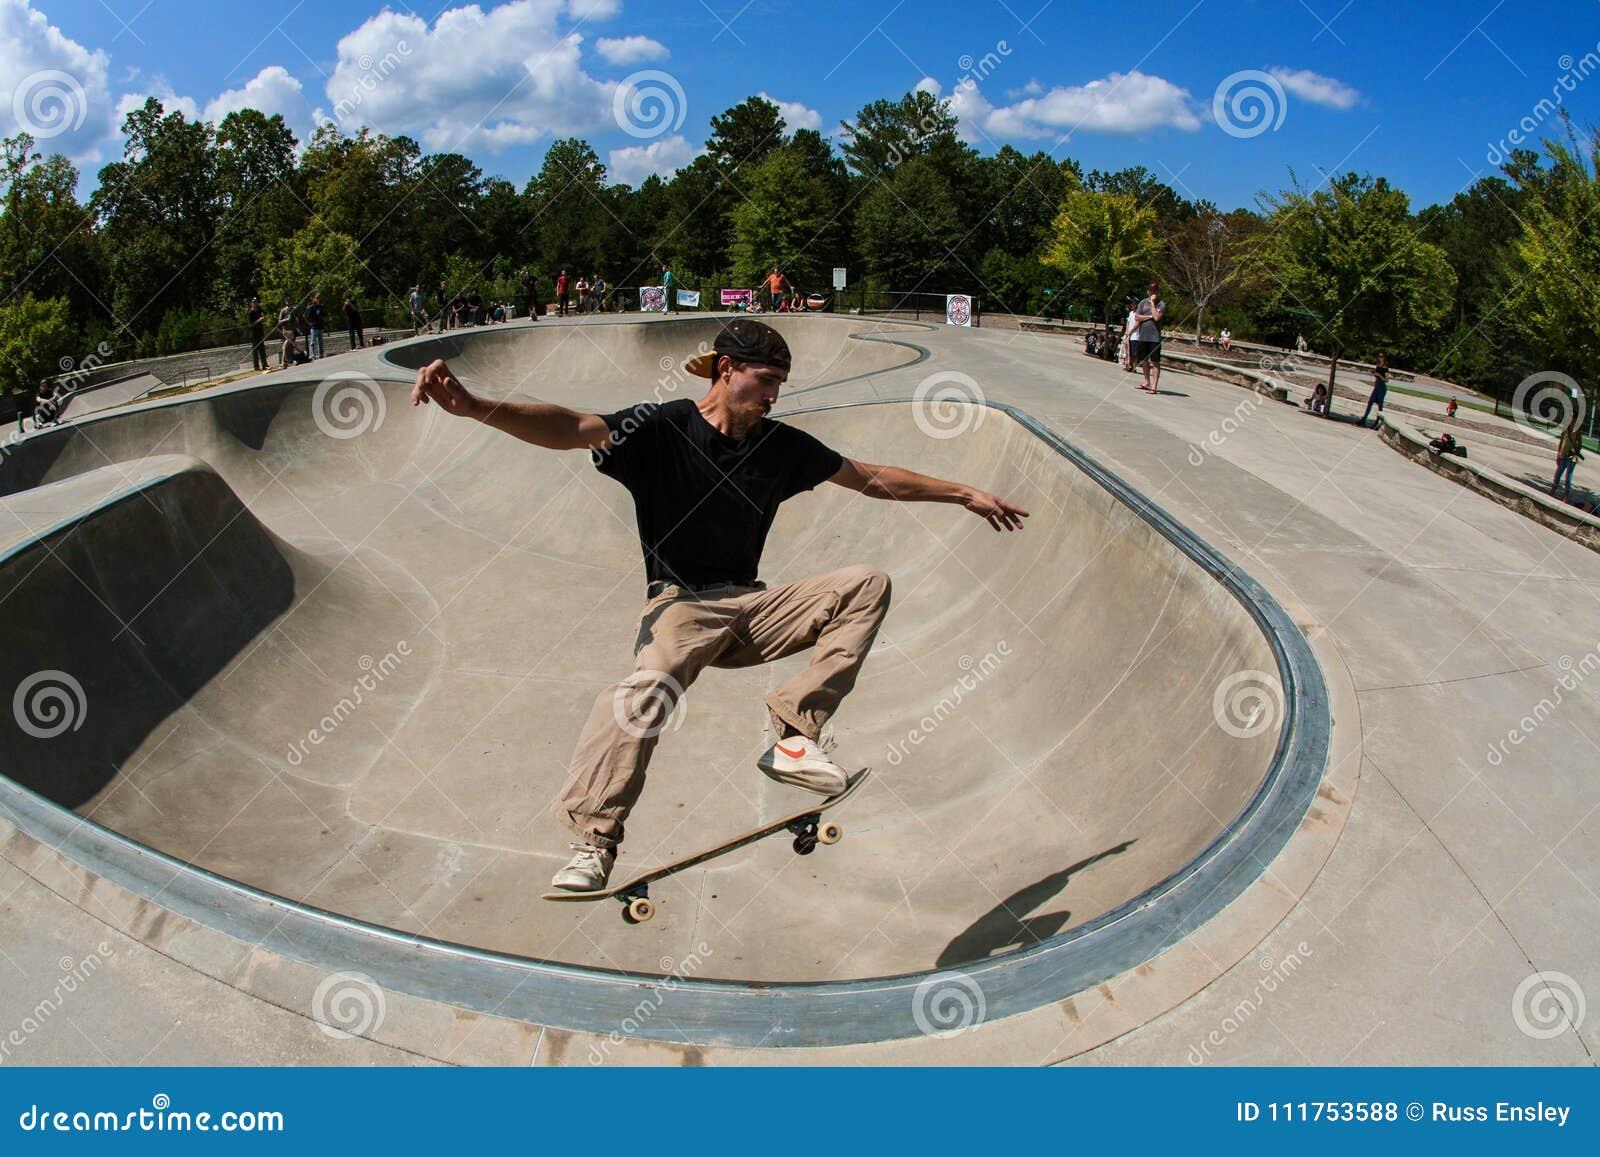 人在碗执行空中把戏在滑板公园